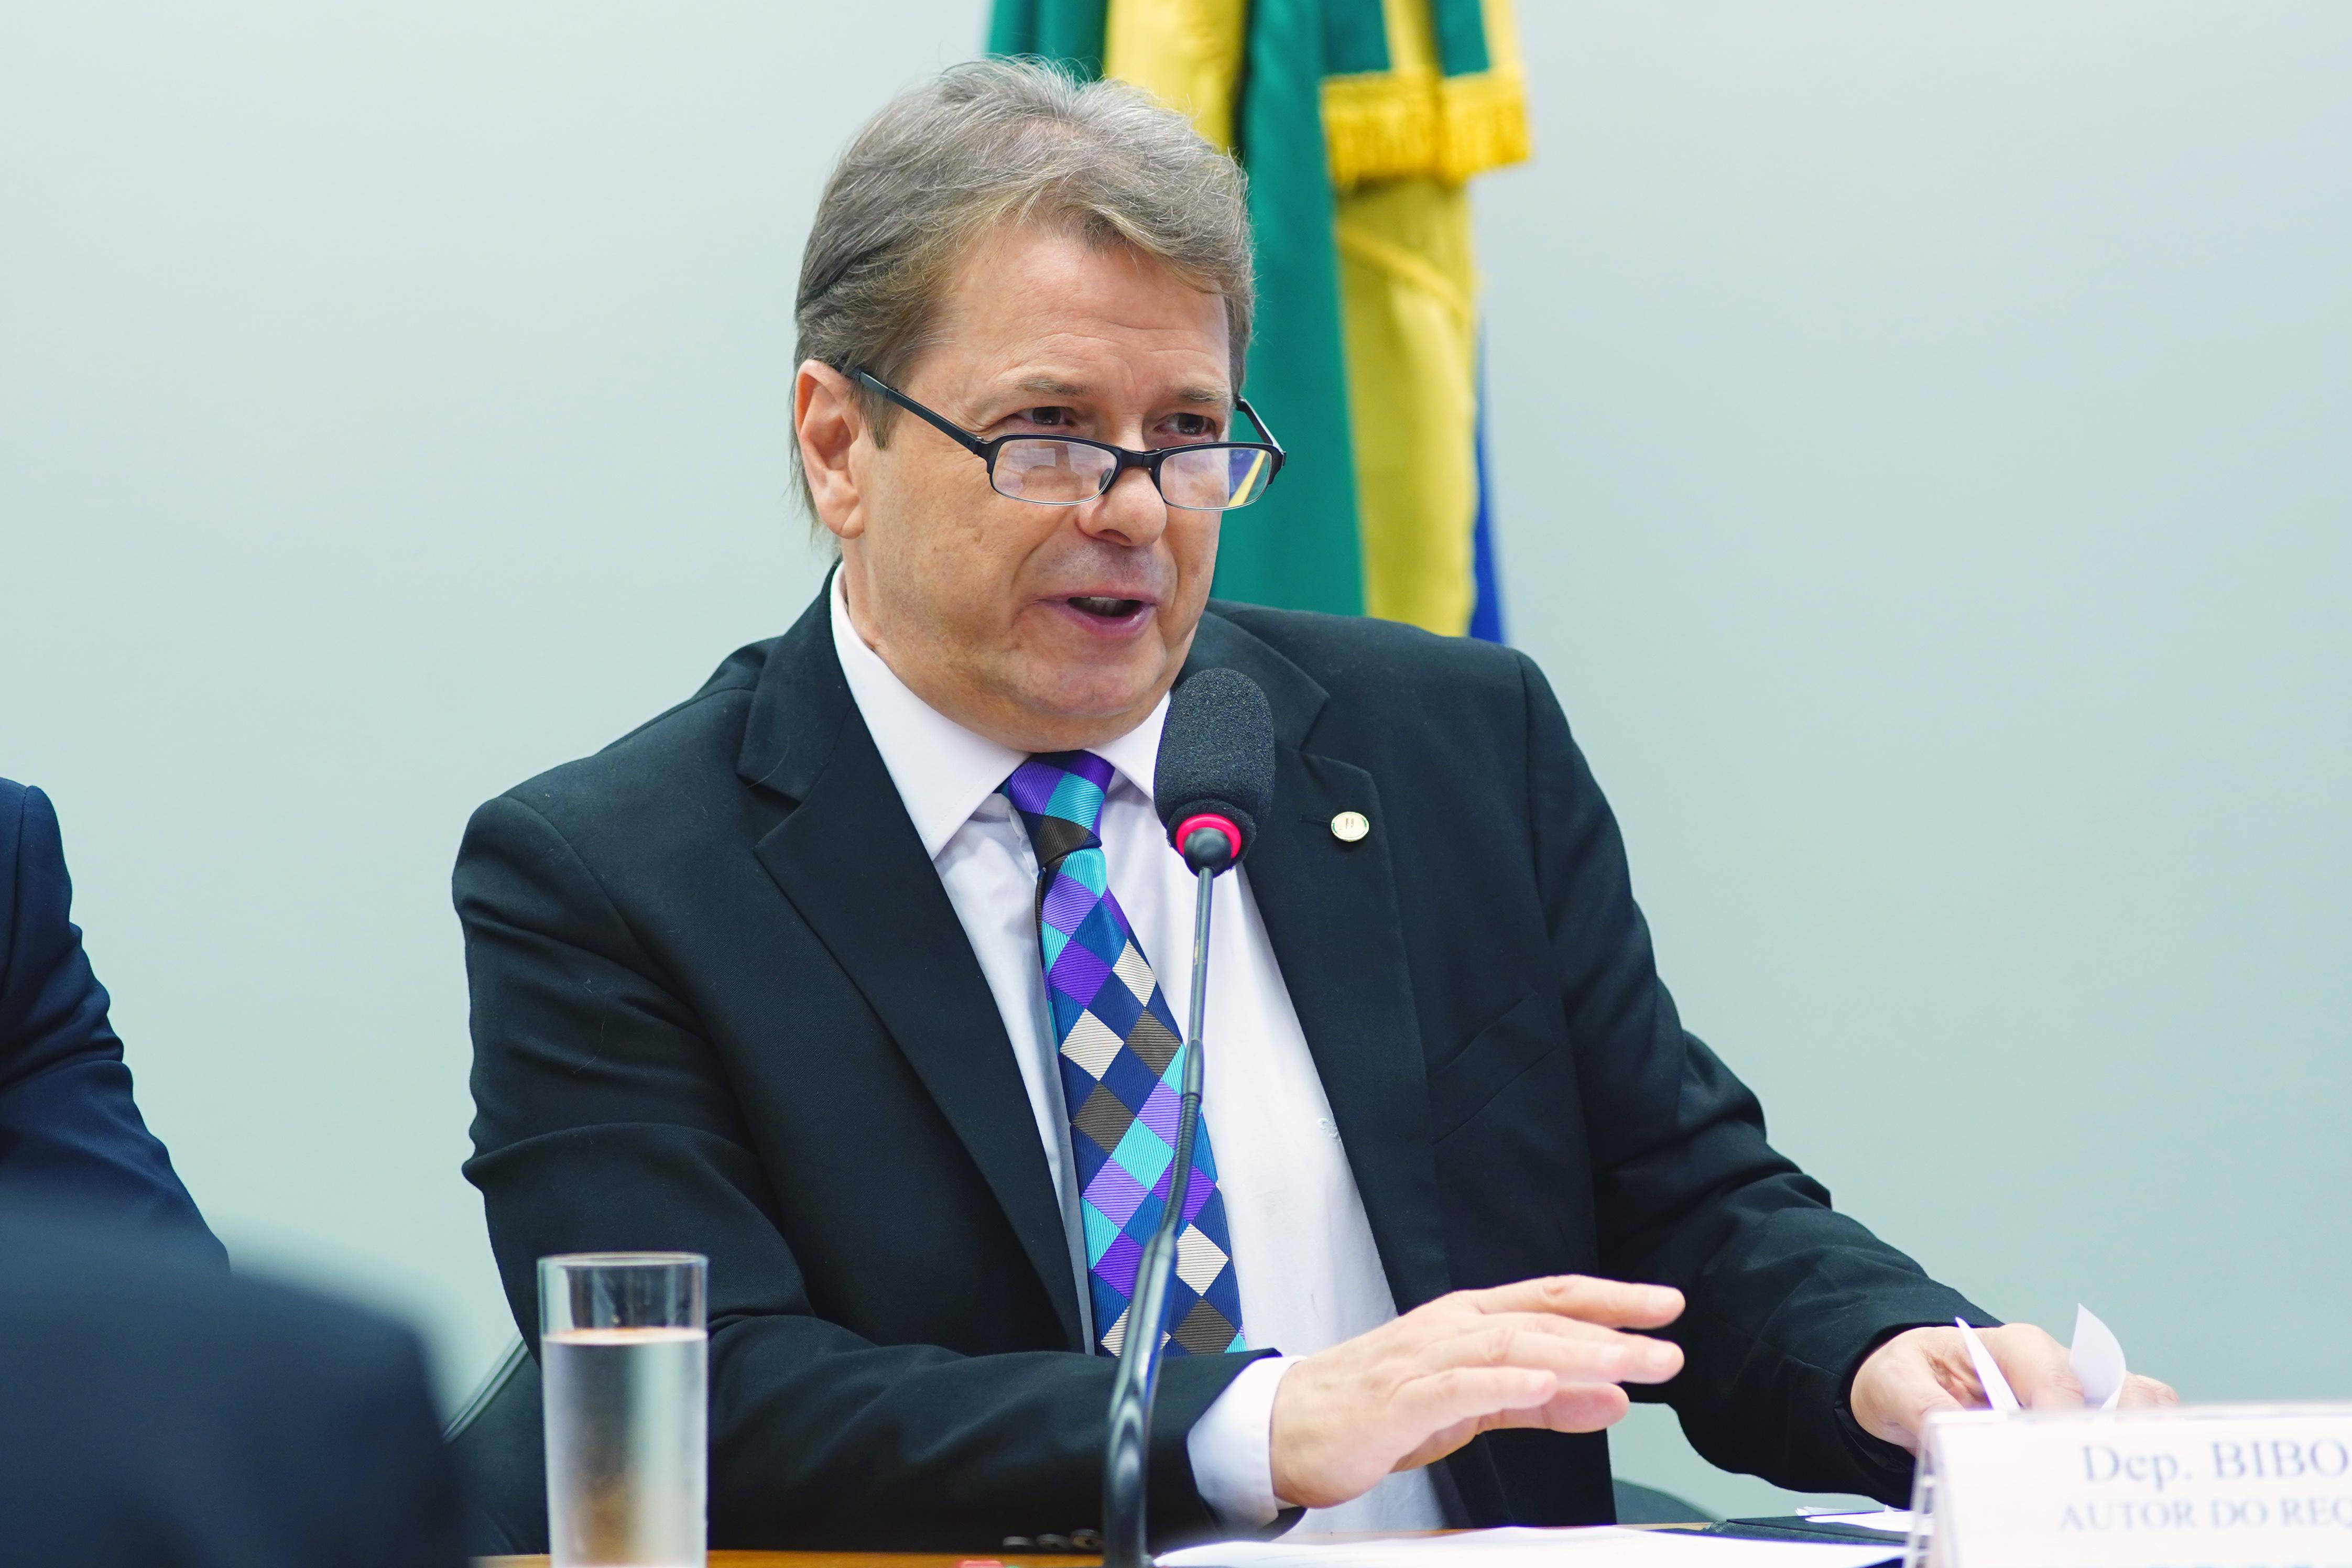 Audiência pública sobre a questão das tecnologias de reconhecimento facial para aplicação em segurança pública no Brasil. Dep. Bibo Nunes (PSL - RS)